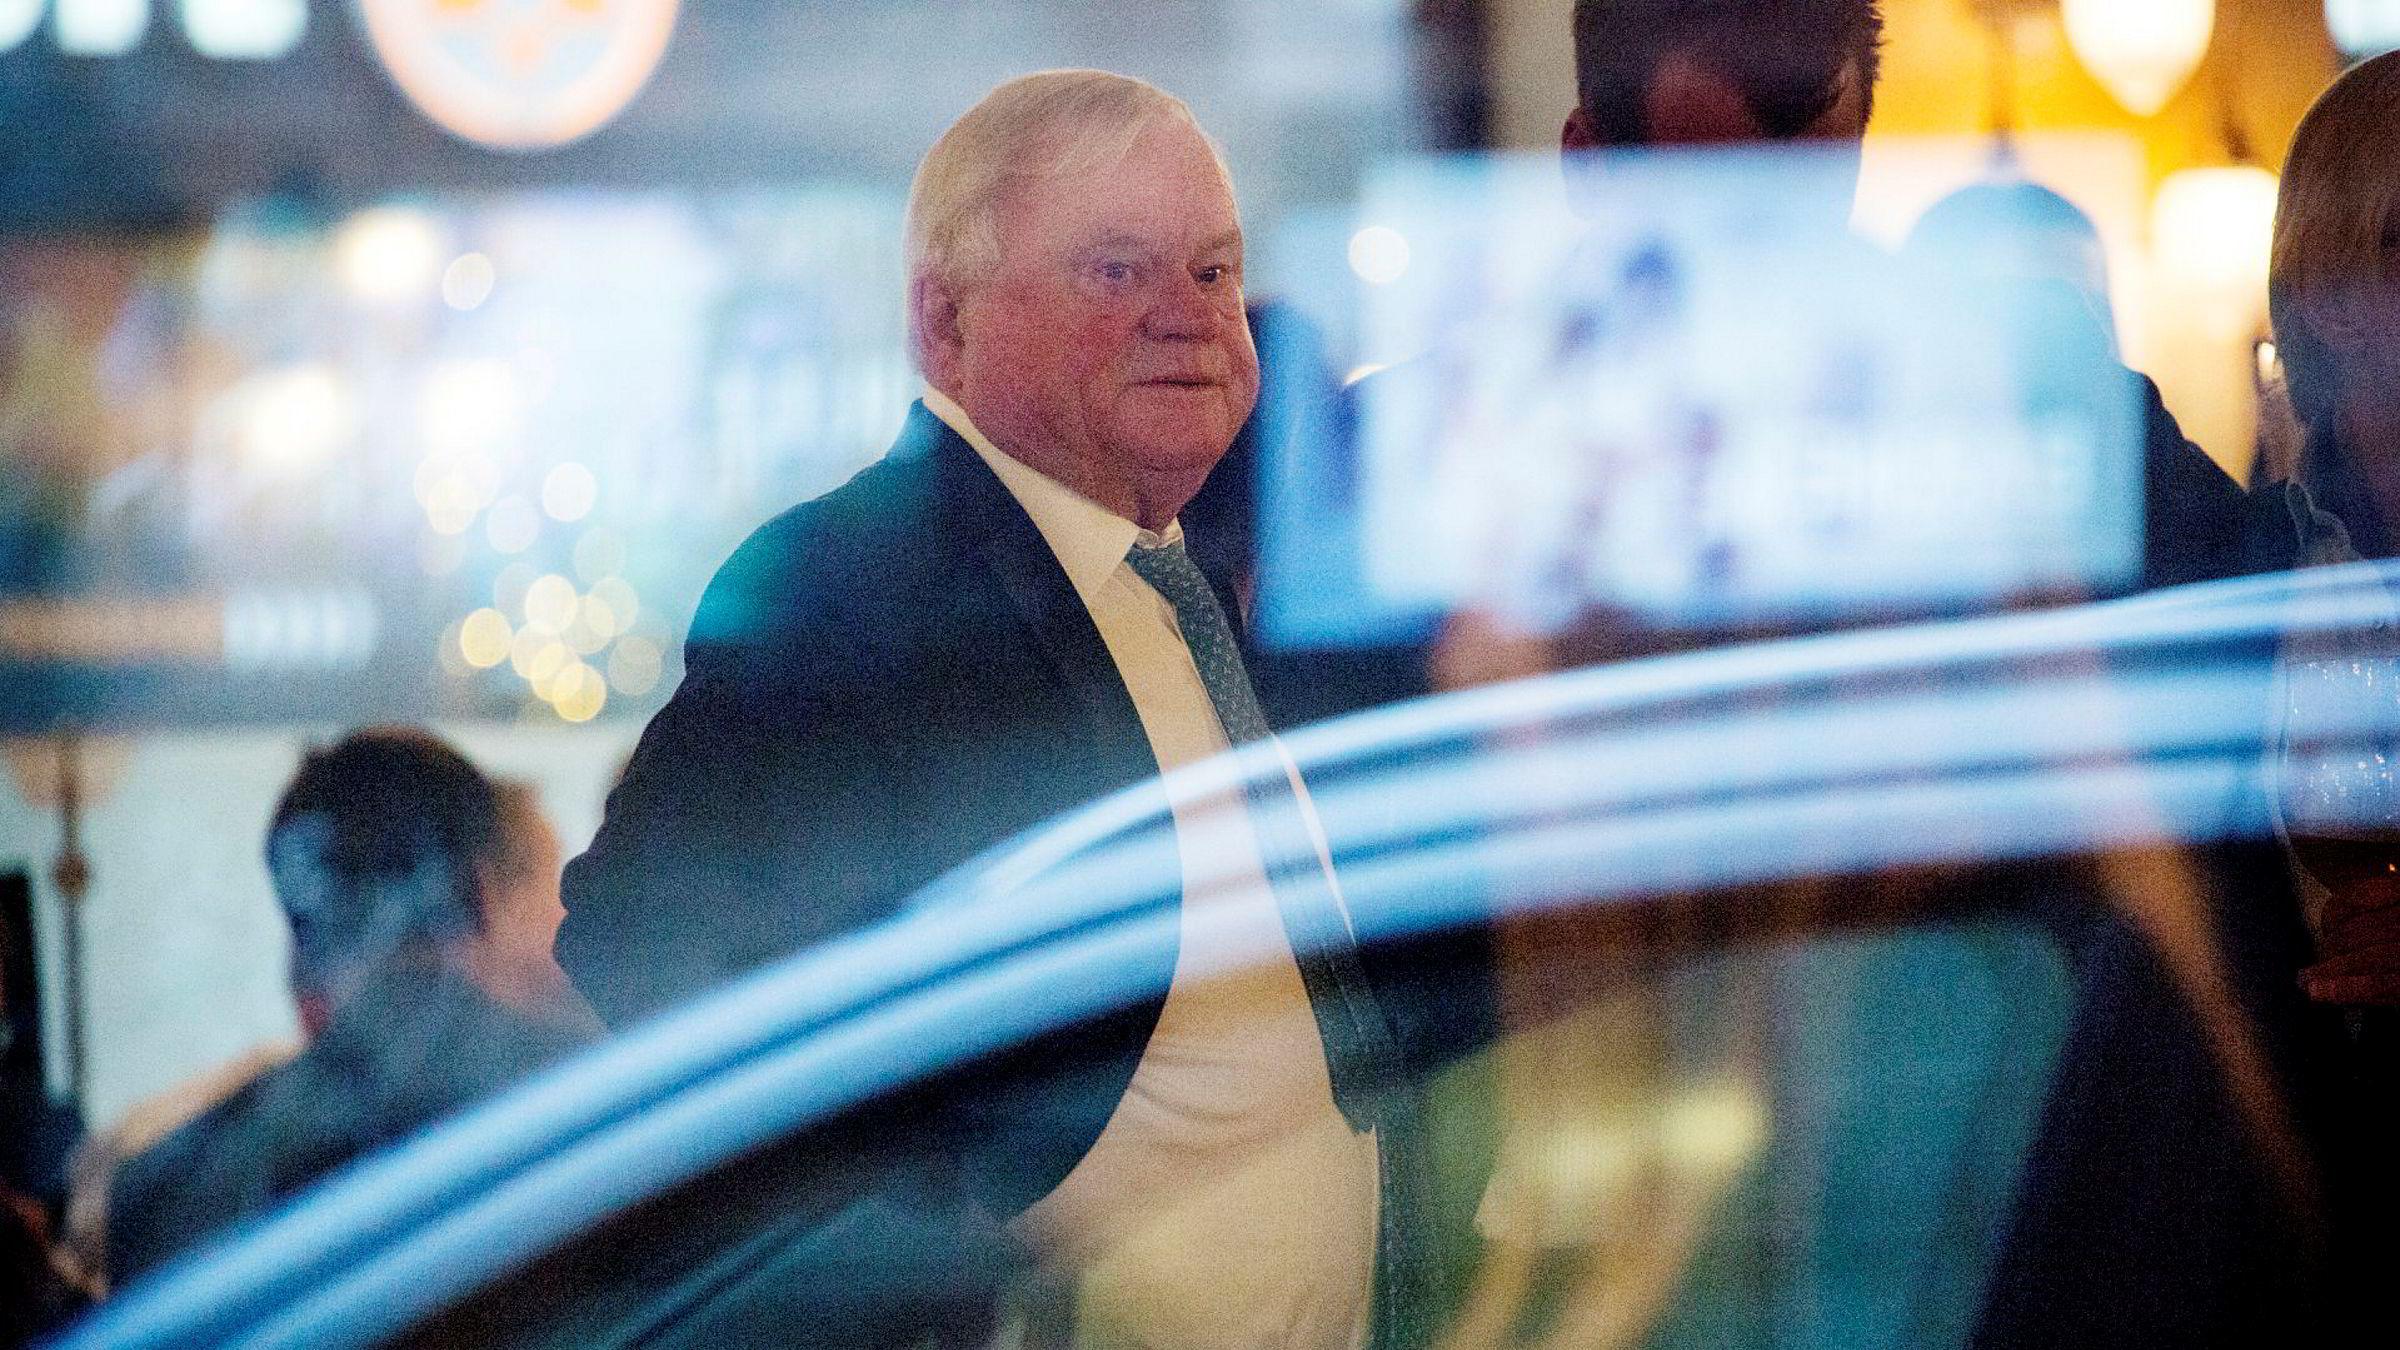 John Fredriksen er bundet til å eie minst fem prosent av Seadrills aksjer om fem år. Det kommer frem i rettsdokumenter i Houston. Her fra Fredriksens årlige julebord på Theatercaféen i Oslo.